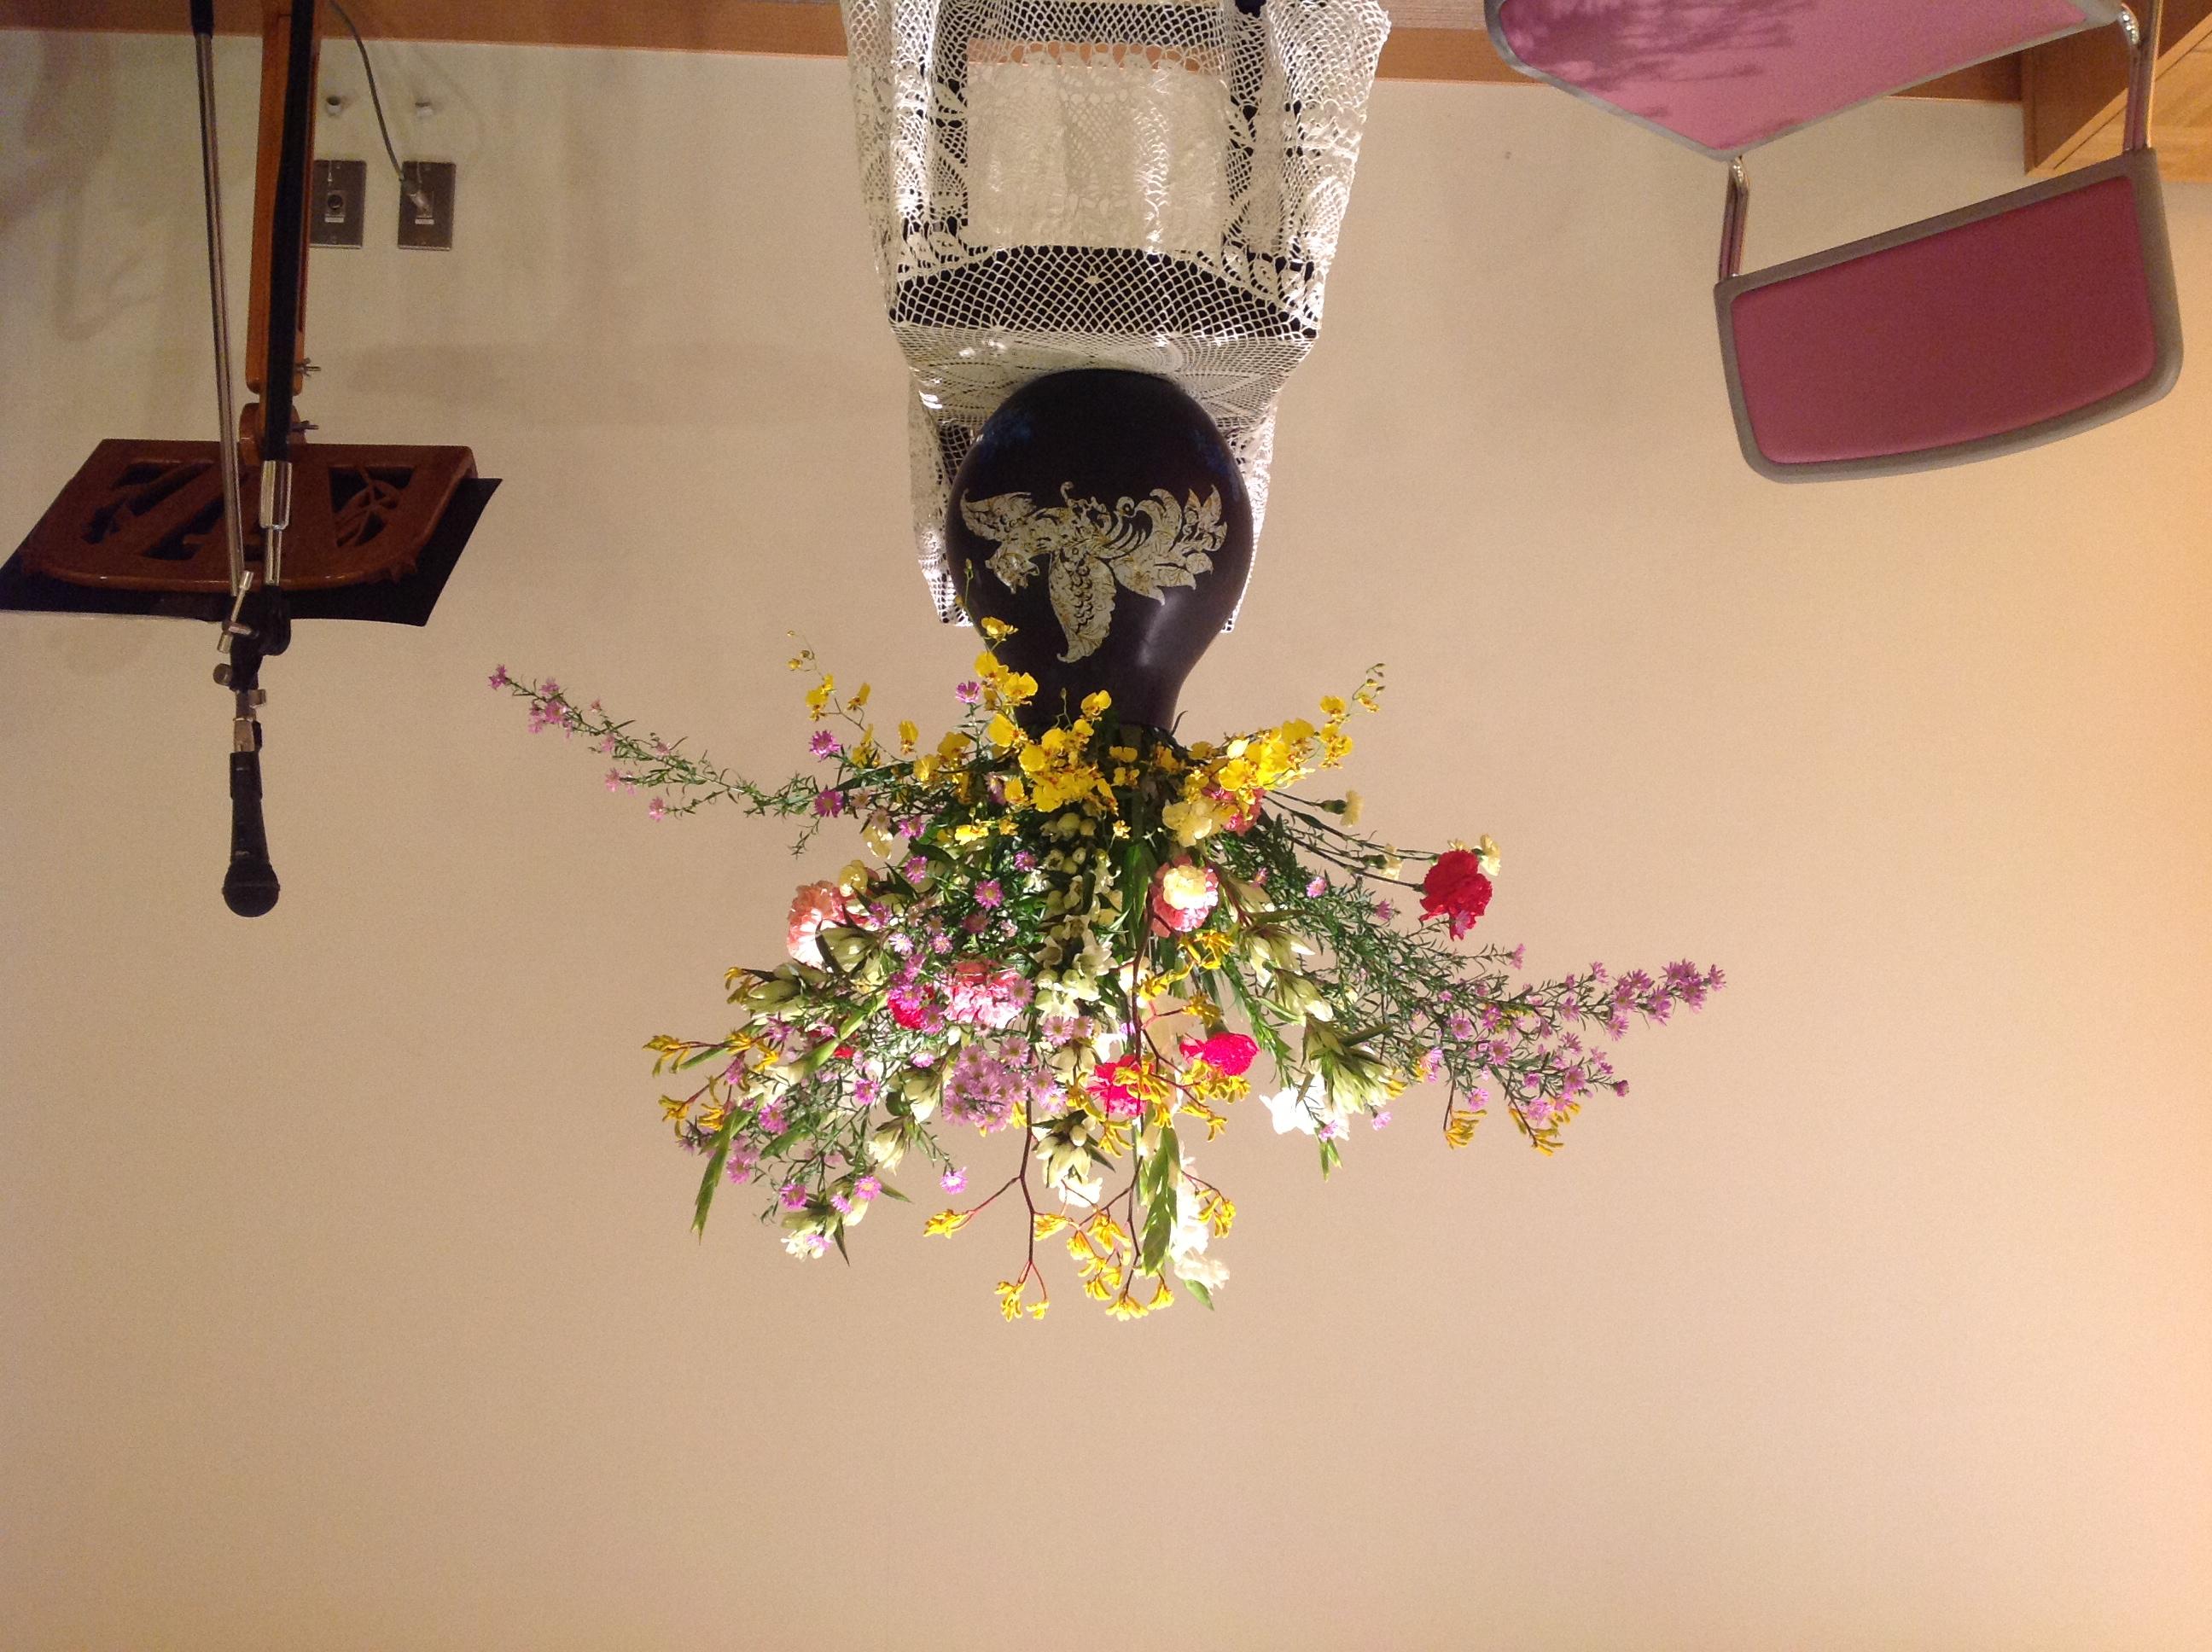 2012/11/4、聖日礼拝のお花